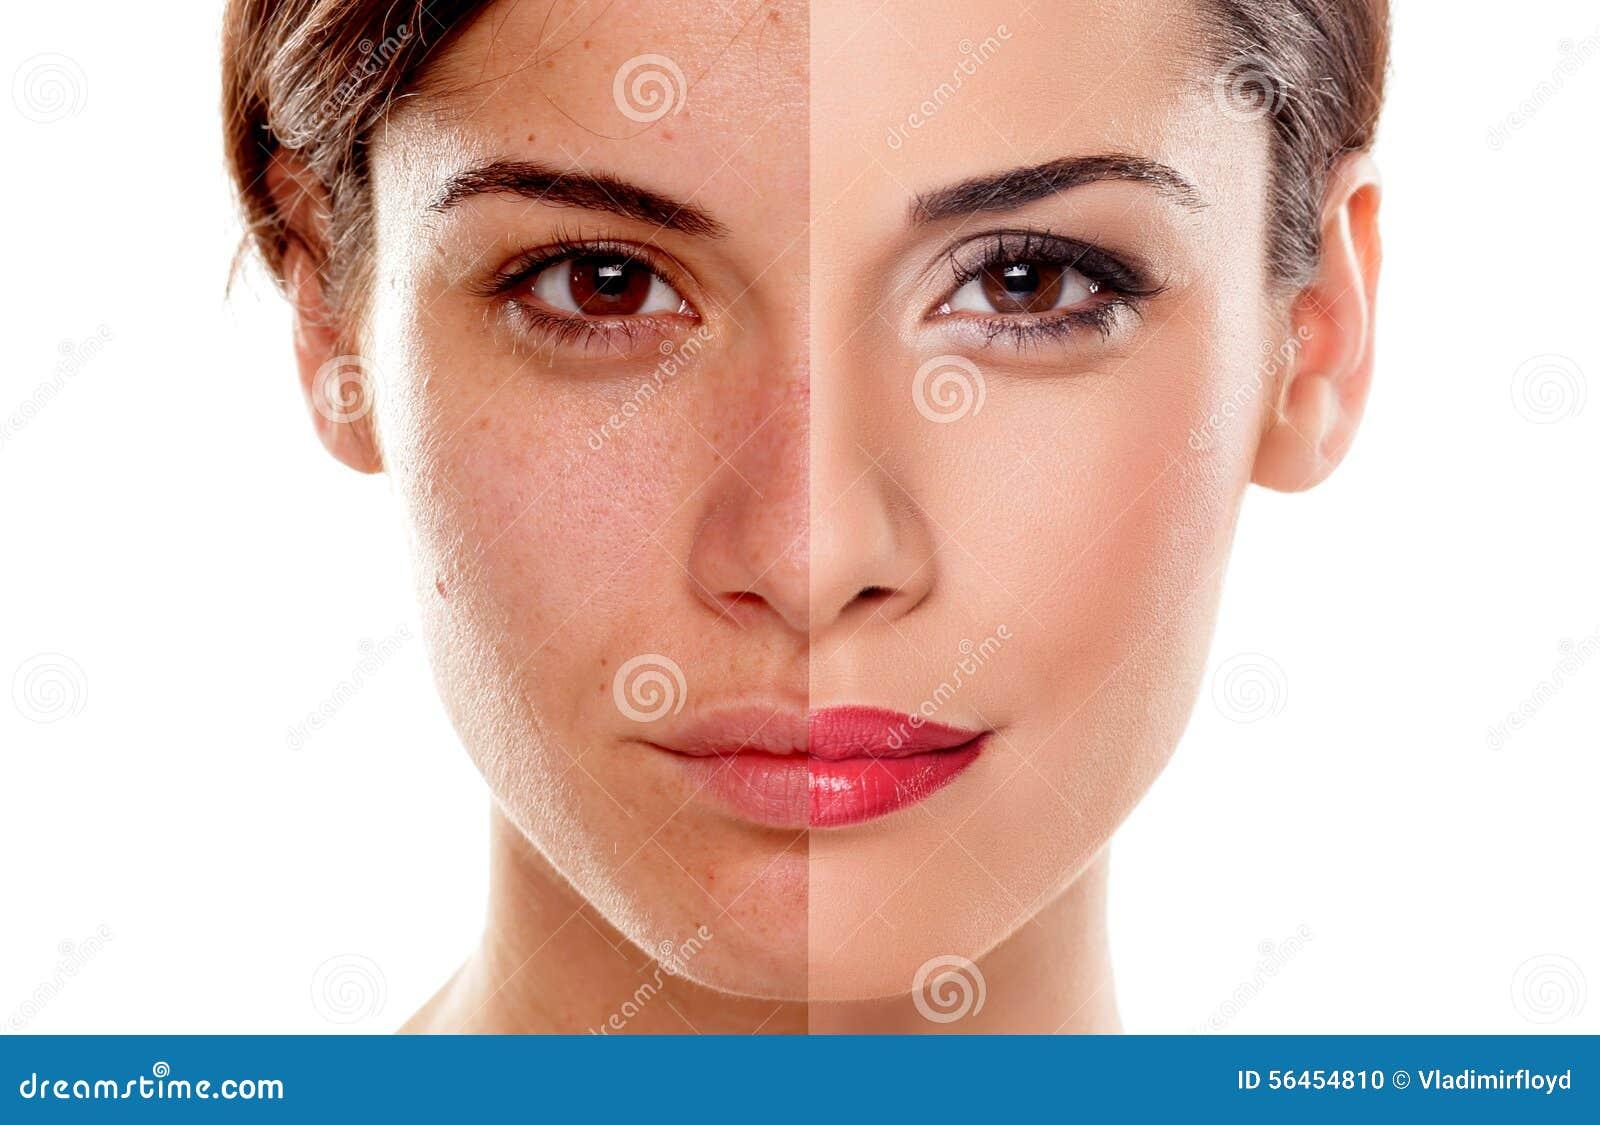 Före och efter makeup